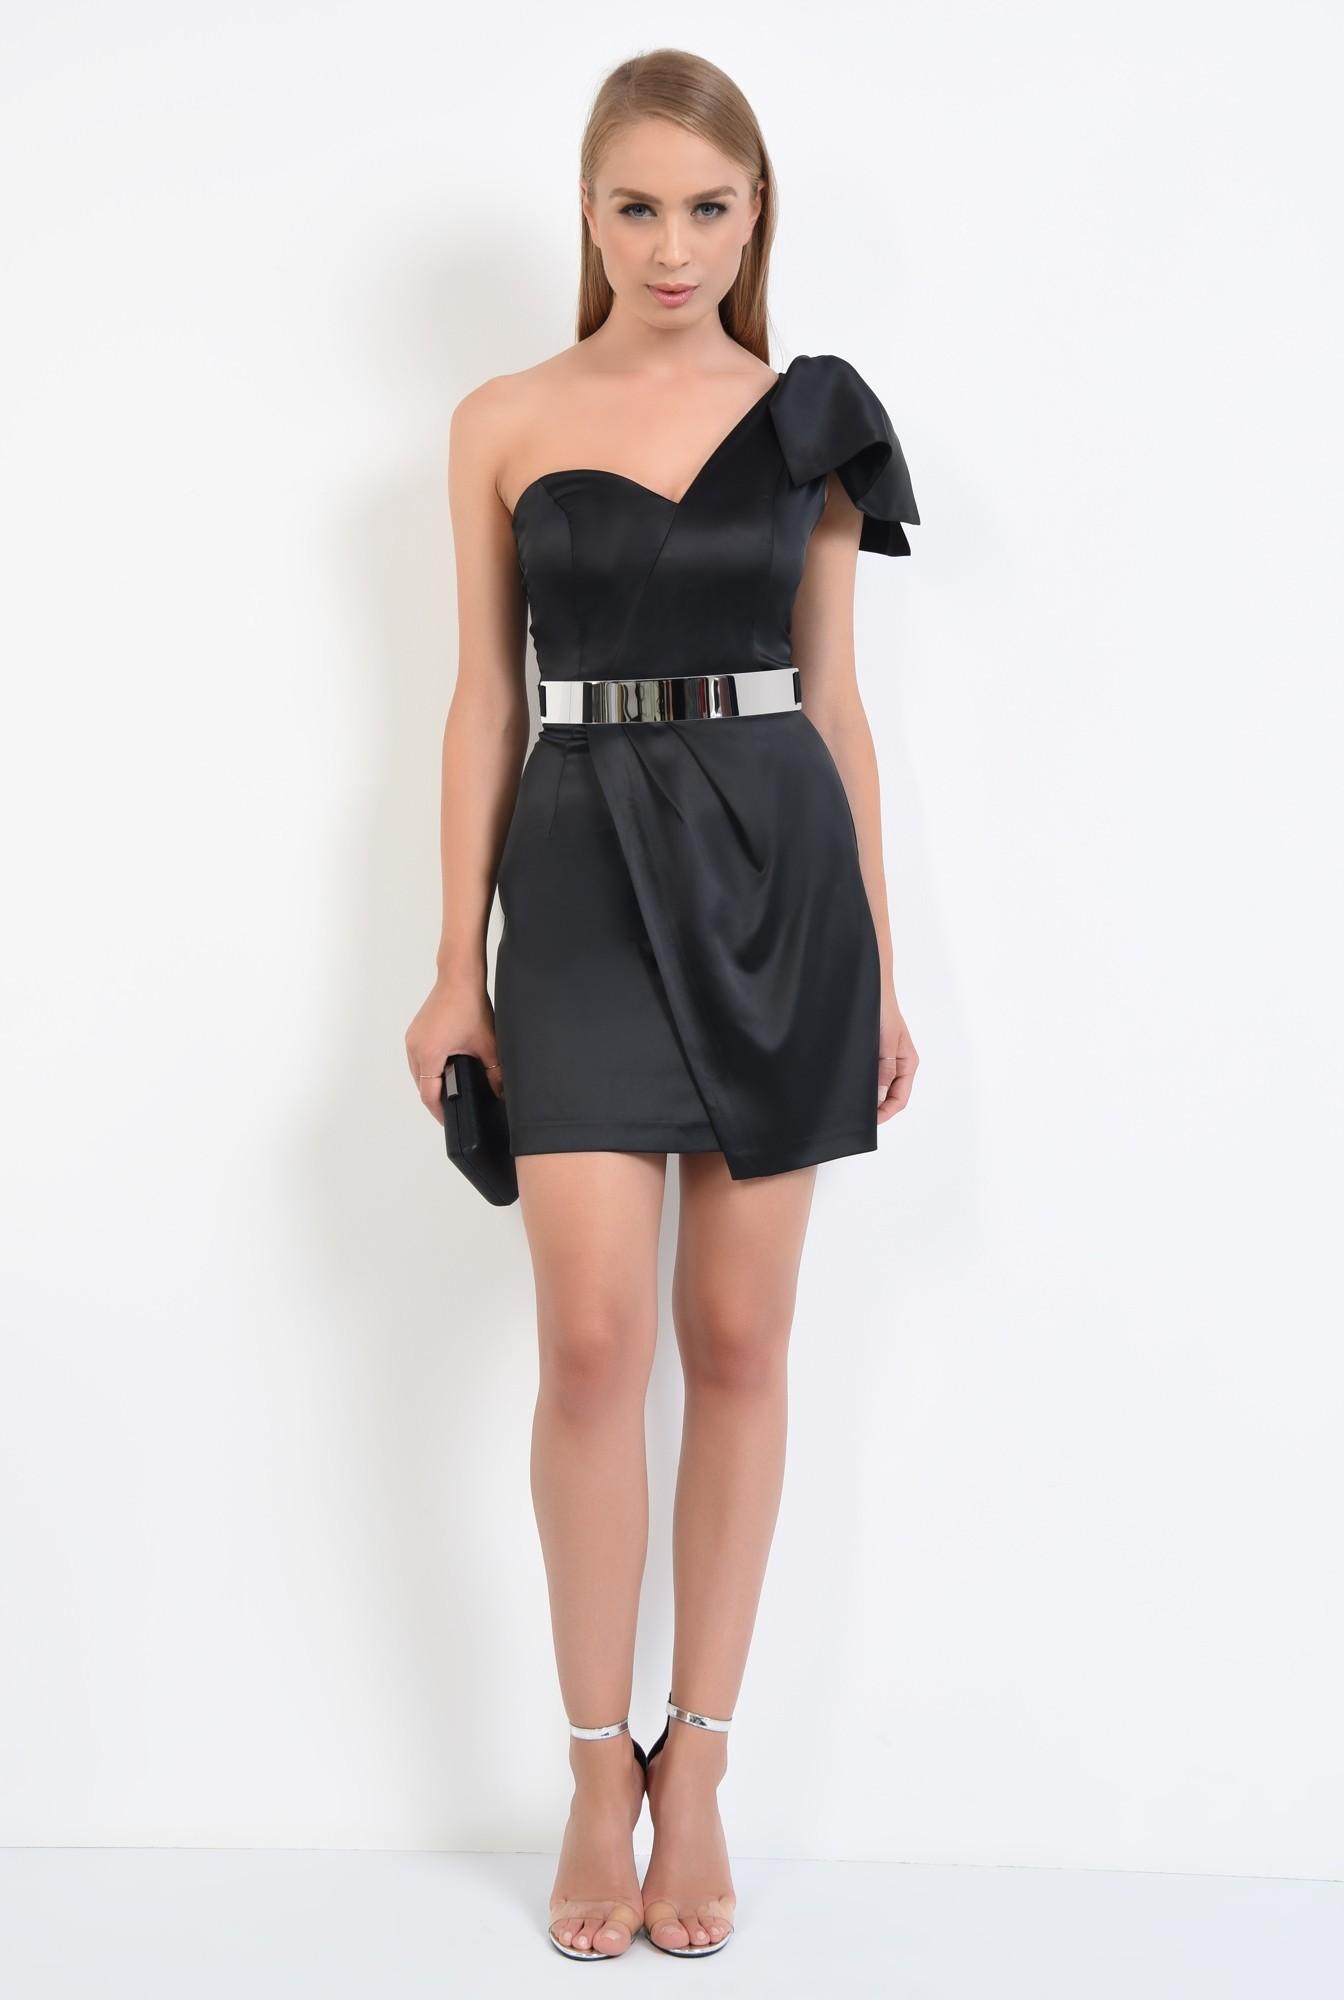 3 - rochie eleganta, mini, satin, centura metalica, decolteu